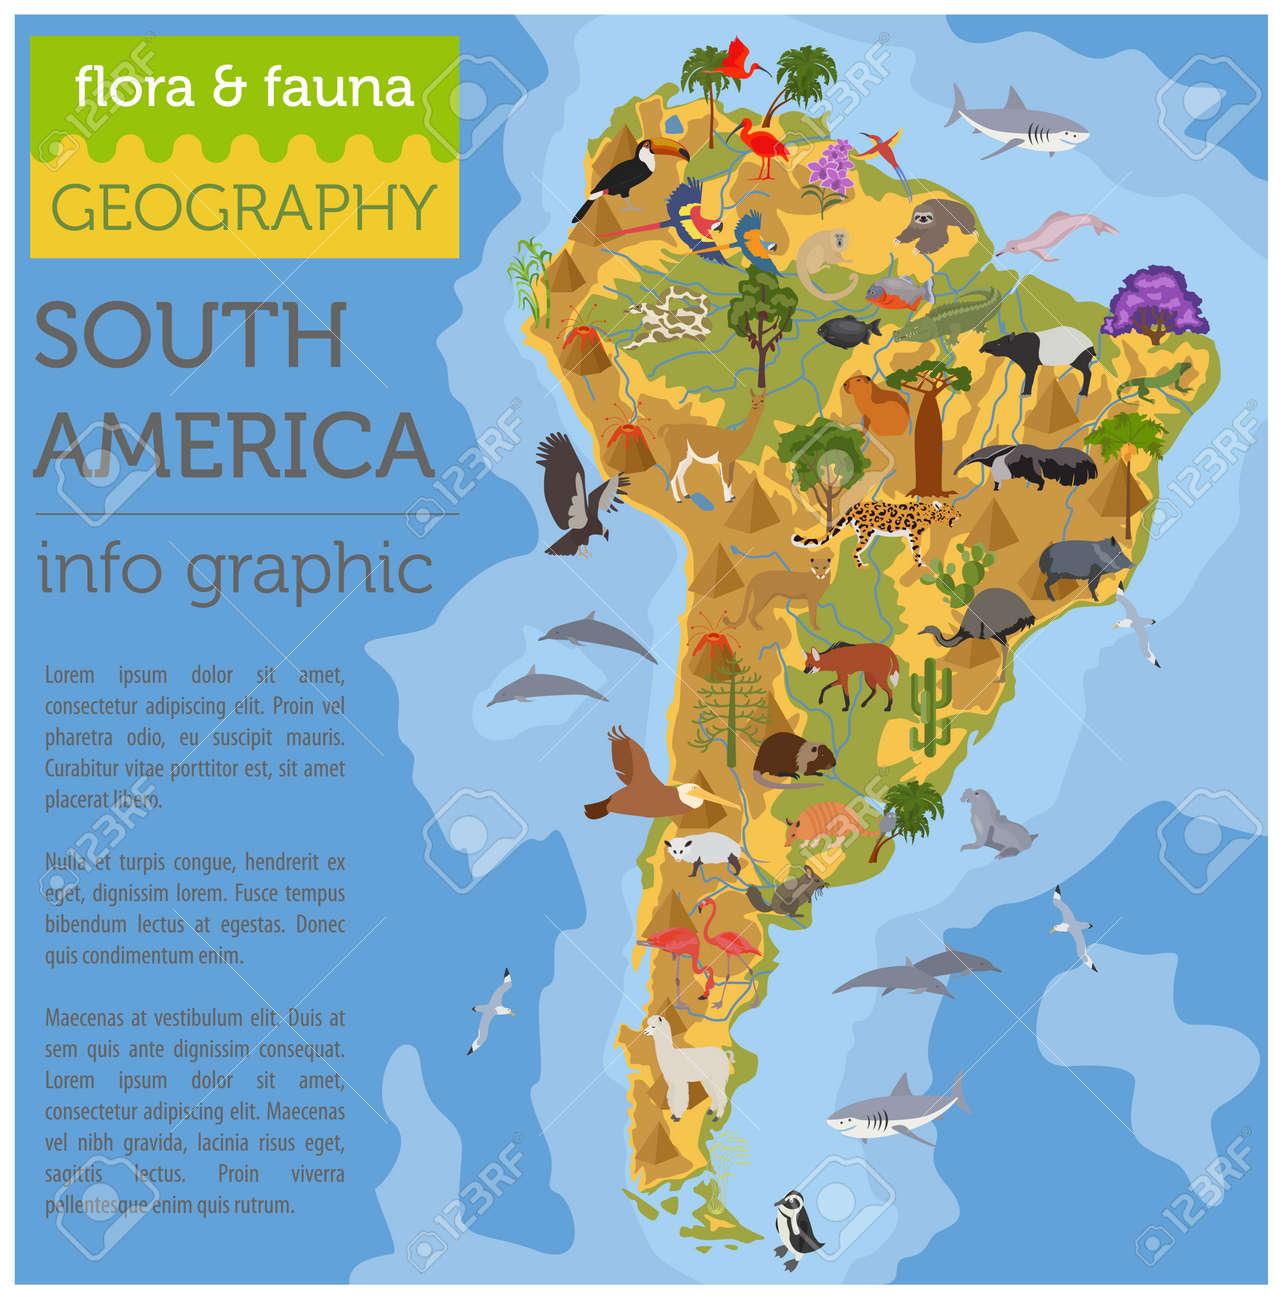 Mapa De Flora Y Fauna De América Del Sur, Elementos Planos. Animales ...